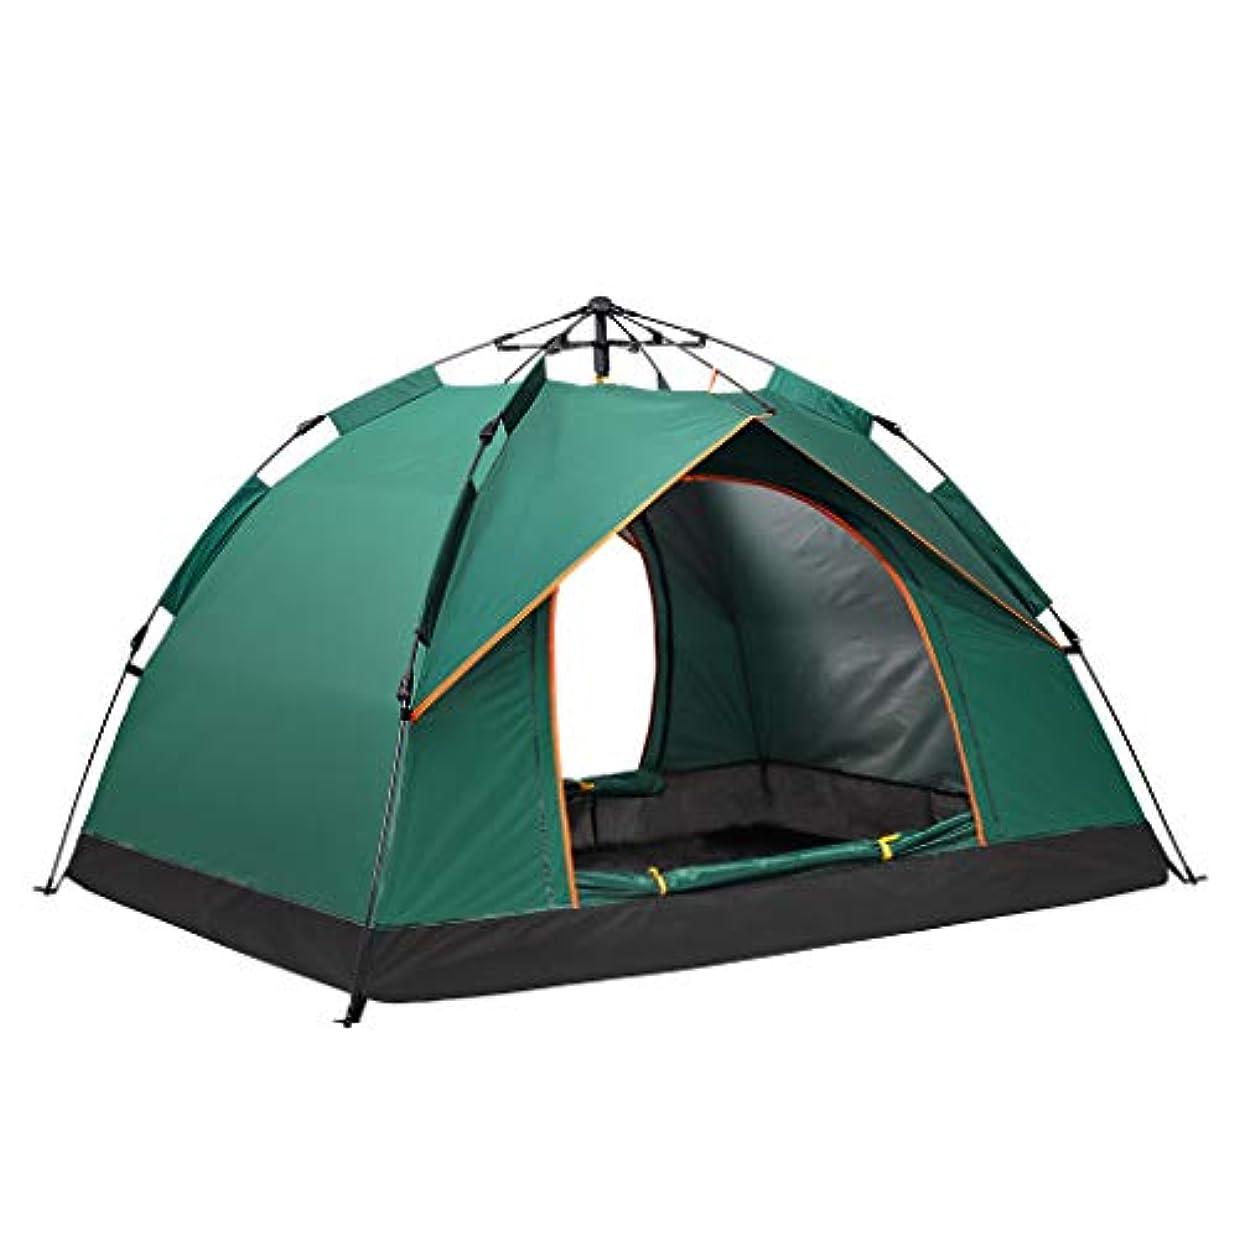 特権的異常欲望IDWOI テント 2男テントキャンプ即時自動ポップアップ軽量ドームテント屋外防水ビーチテント、3色 (Color : Green)